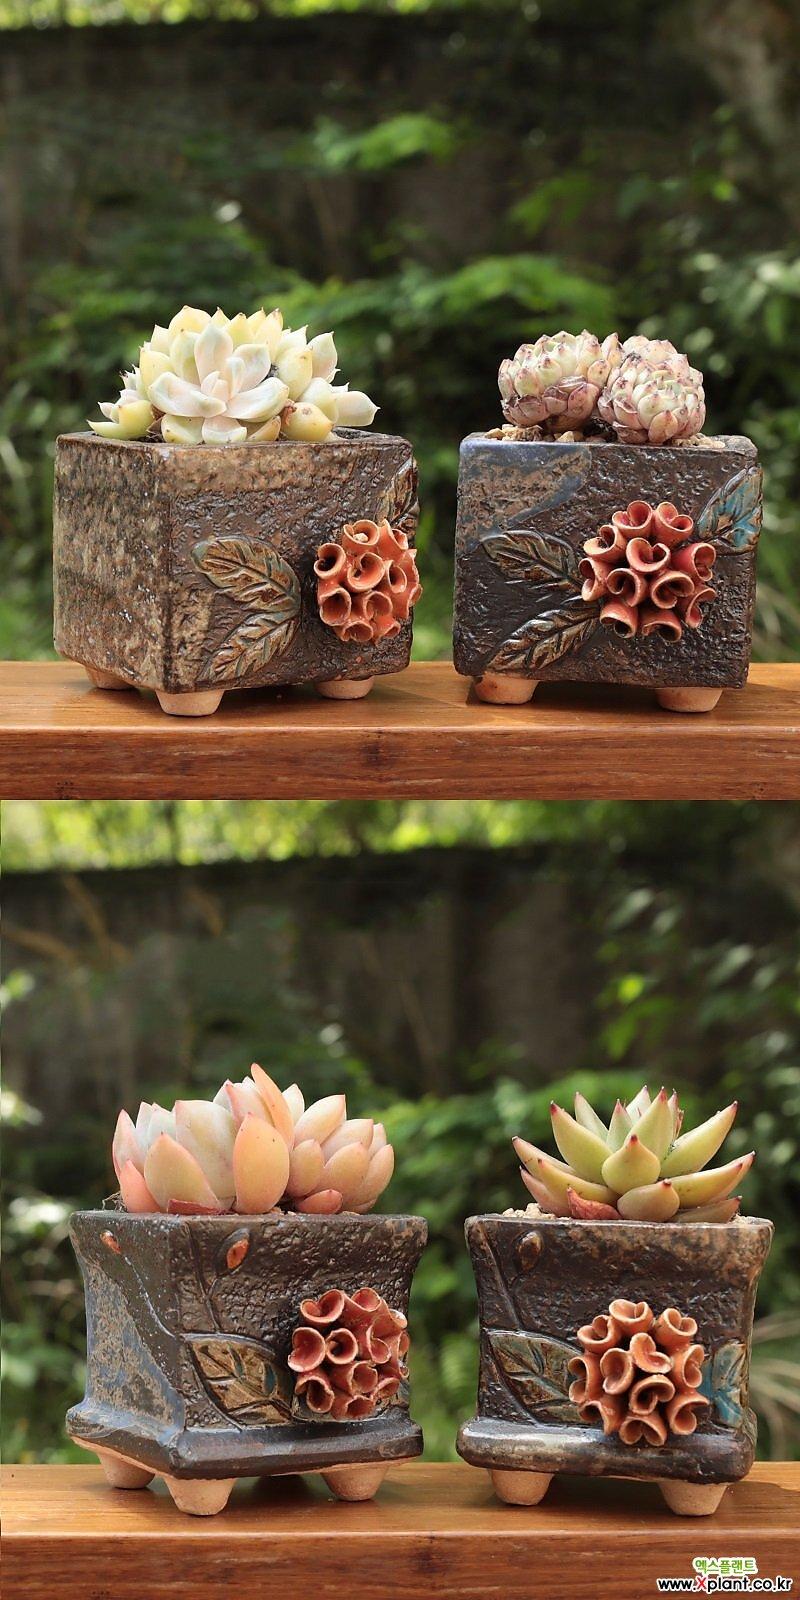 구들[코사지]/맥반석화분/행복한꽃그릇